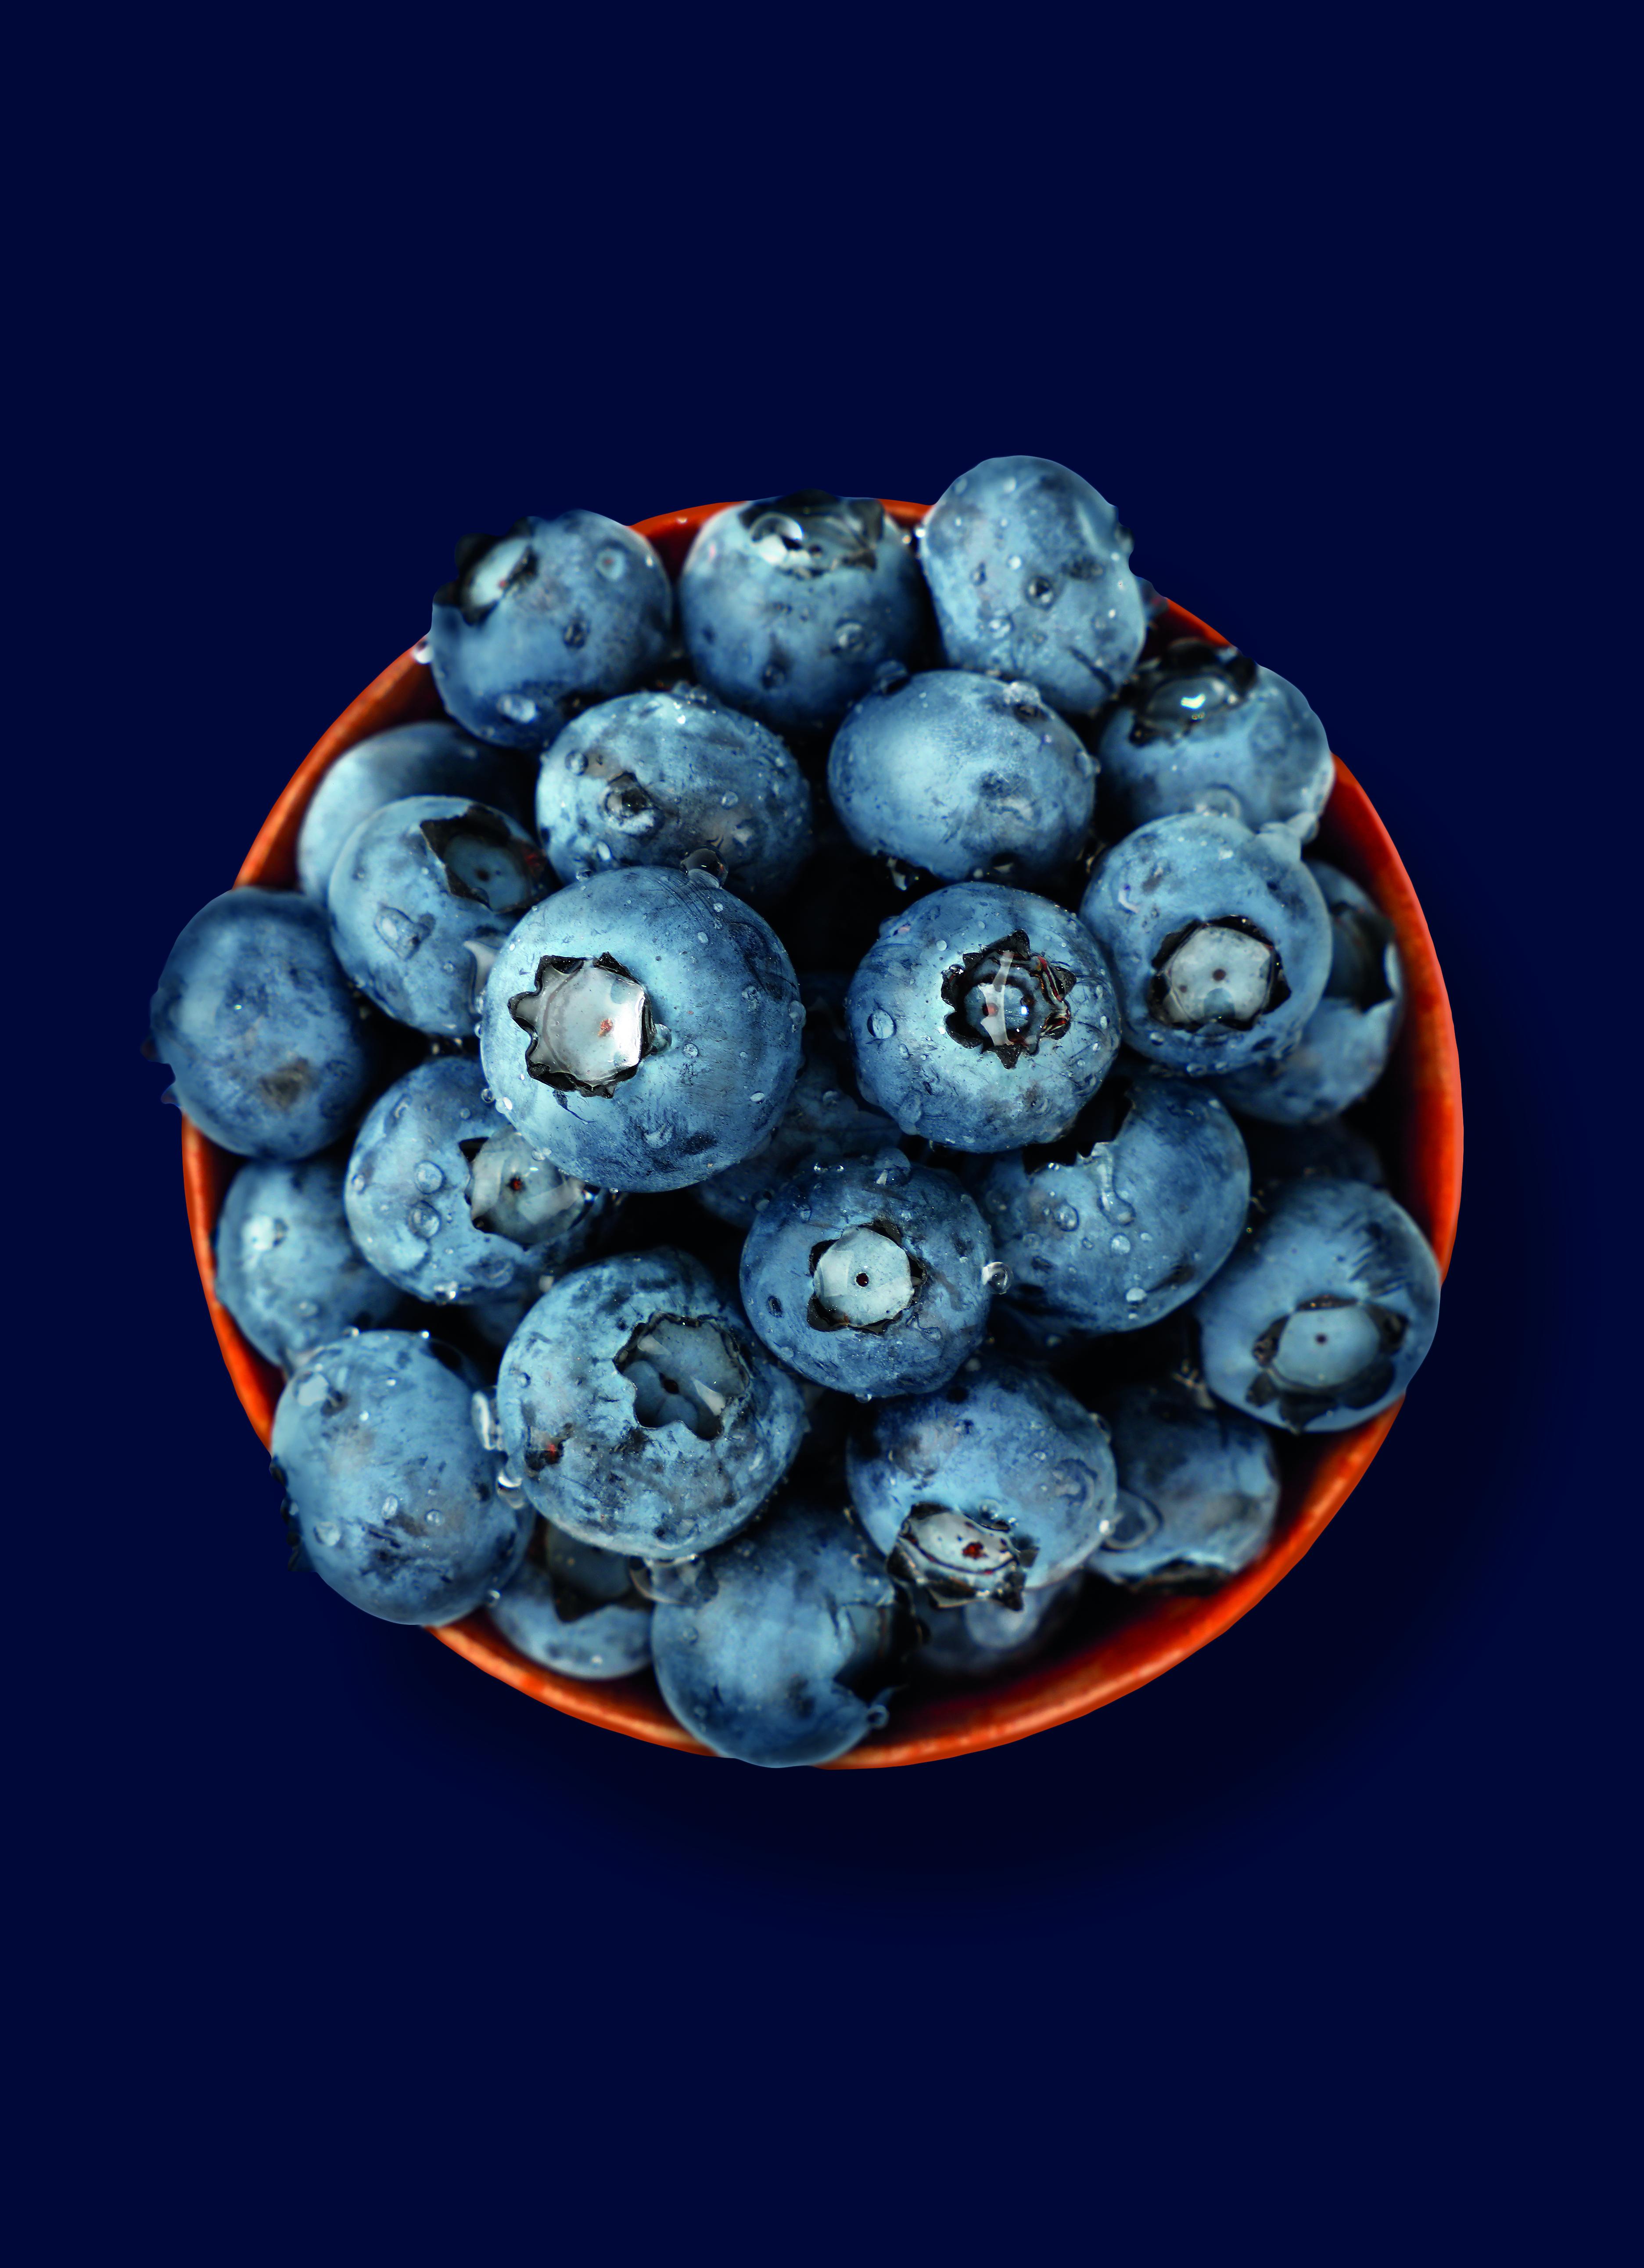 20190911_Blueberries_CMJN_300dpi_Blue